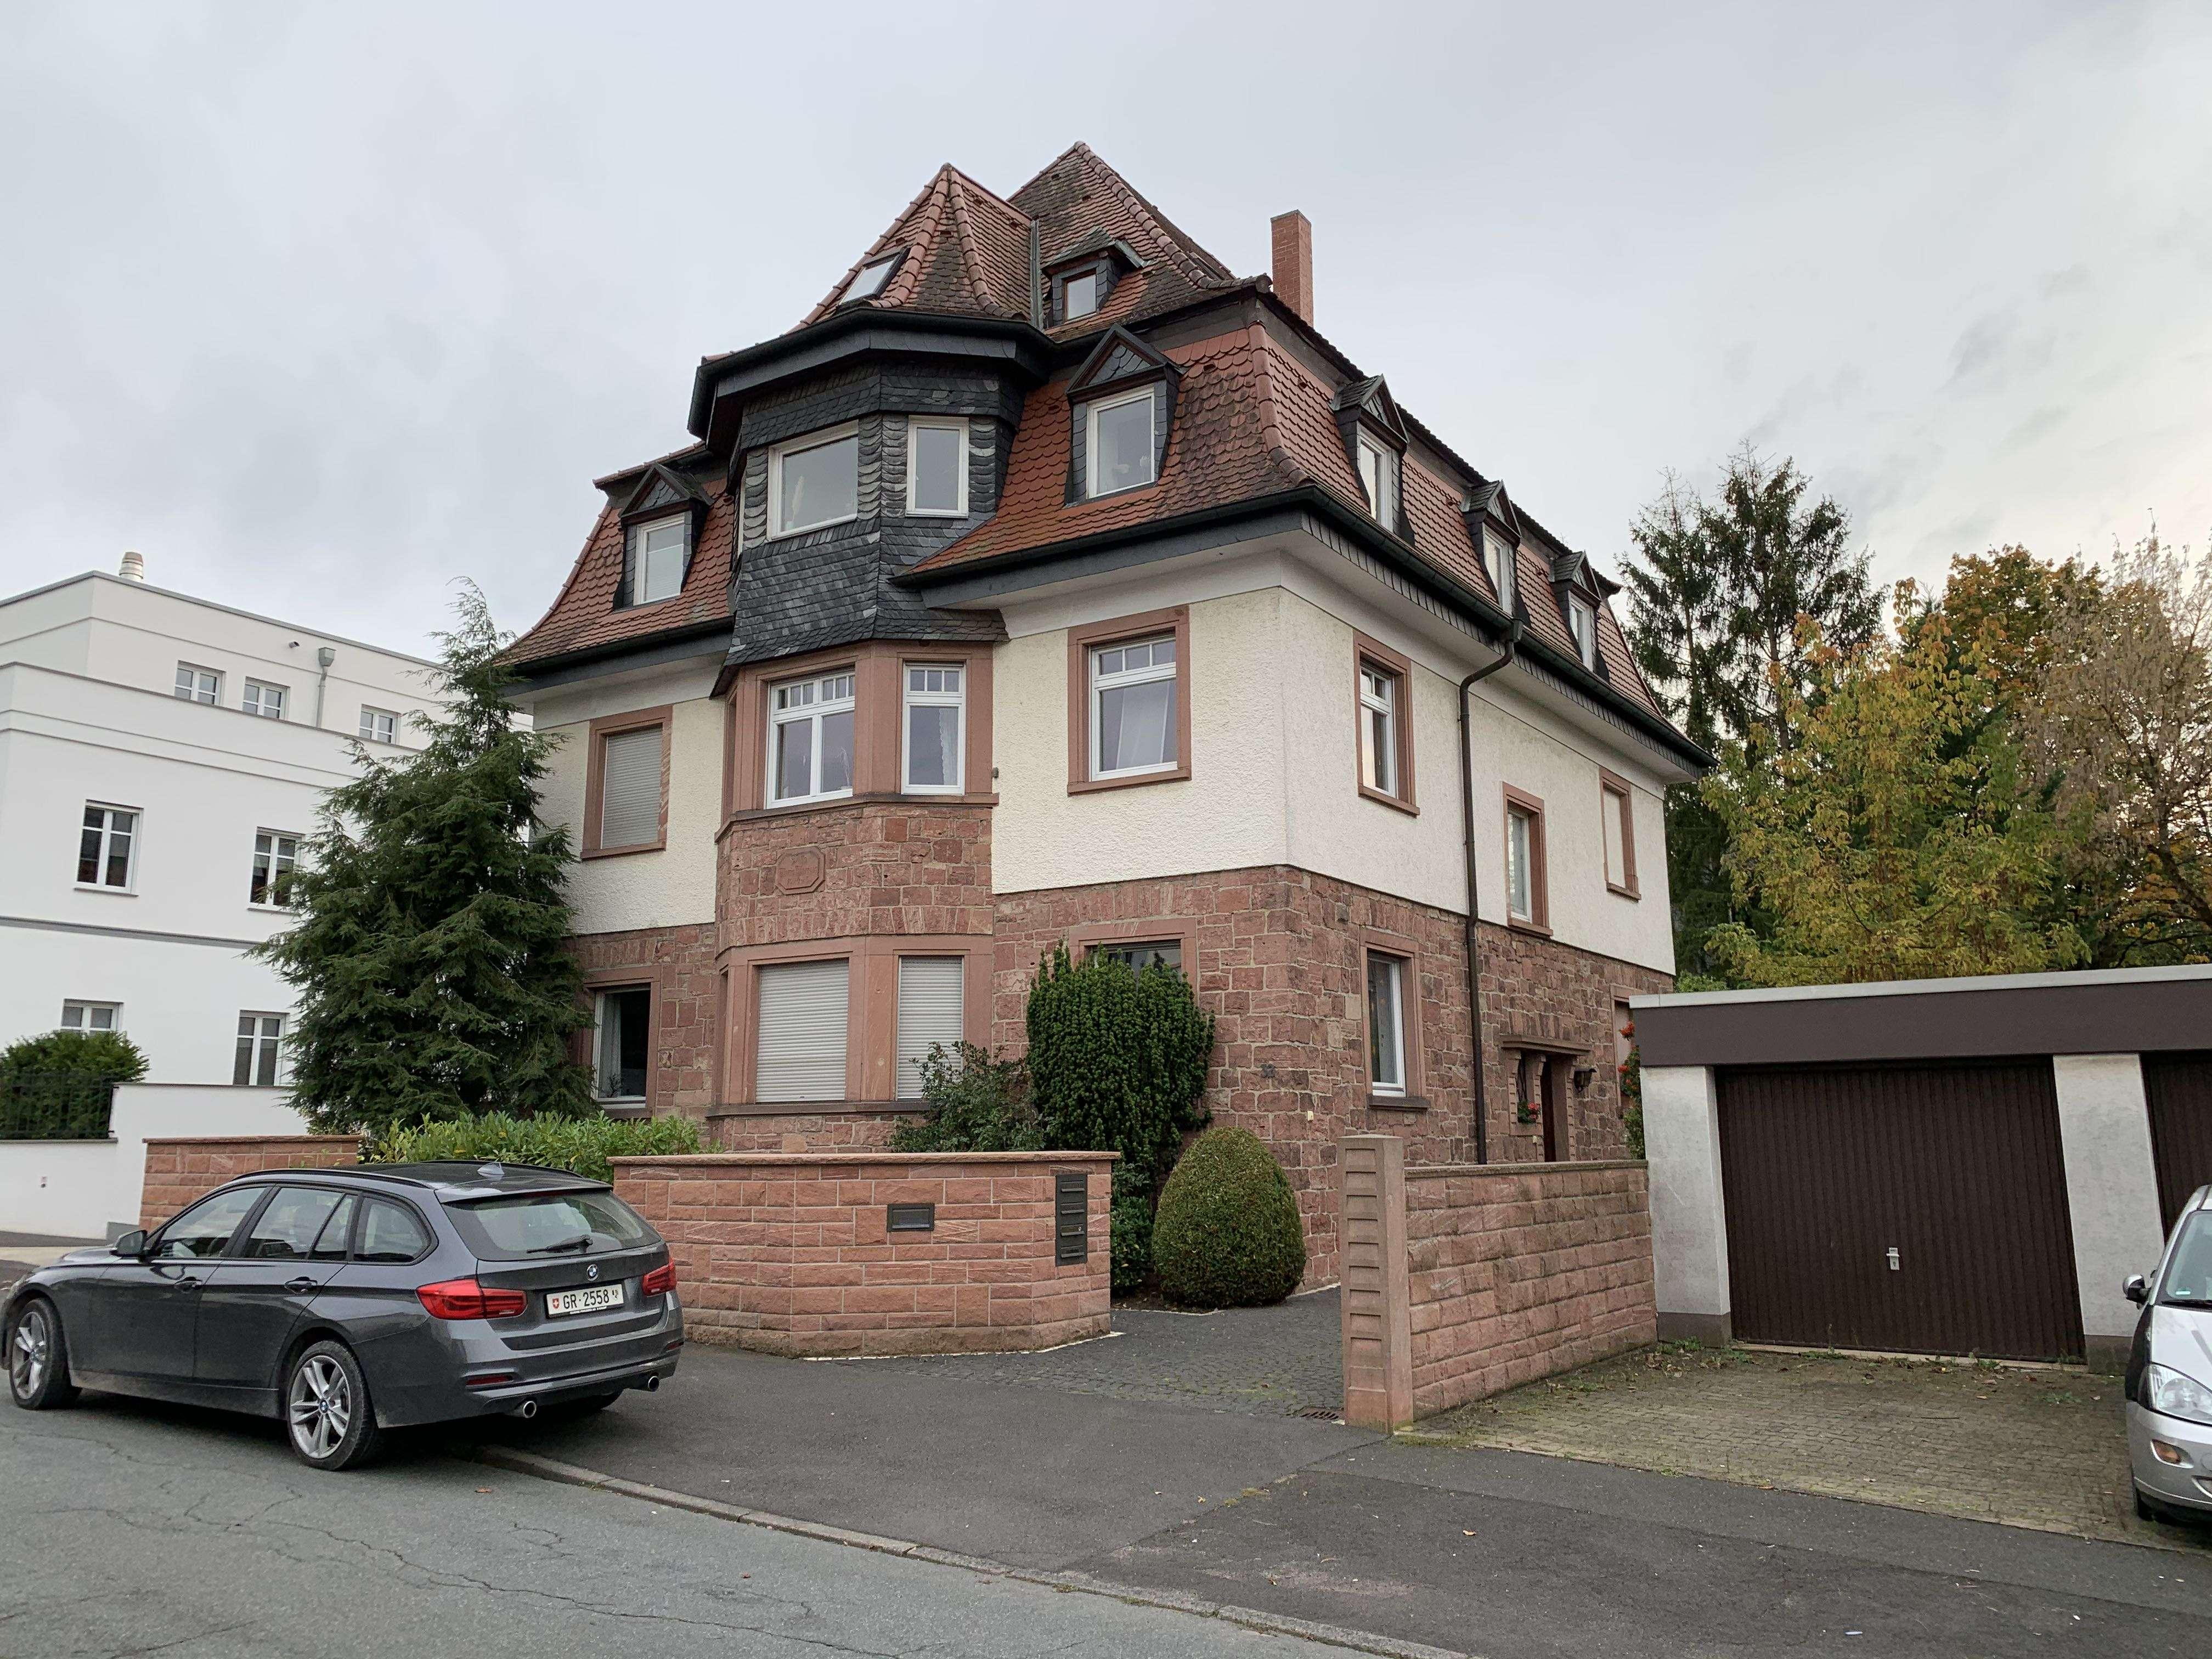 Freundliche 5-Zimmer-Wohnung zur Miete an Nichtraucher in Aschaffenburg/Bohlenweg in